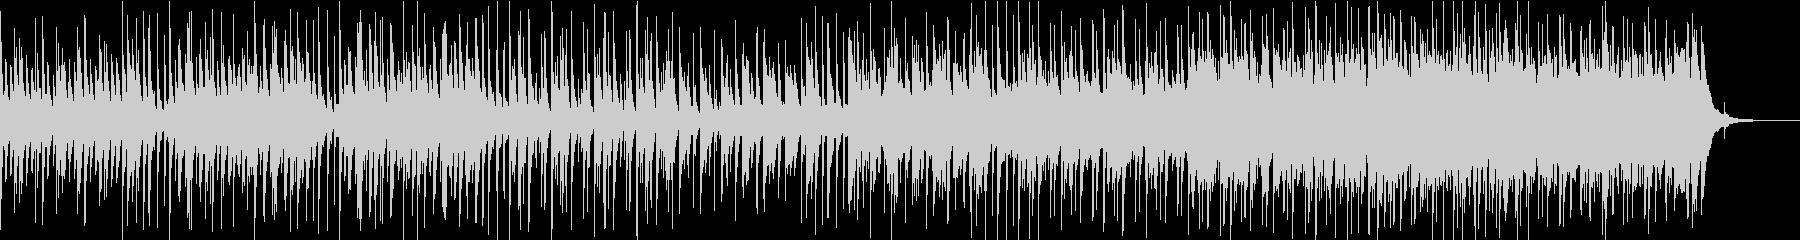 悲しく儚げなピアノのスローバラードの未再生の波形